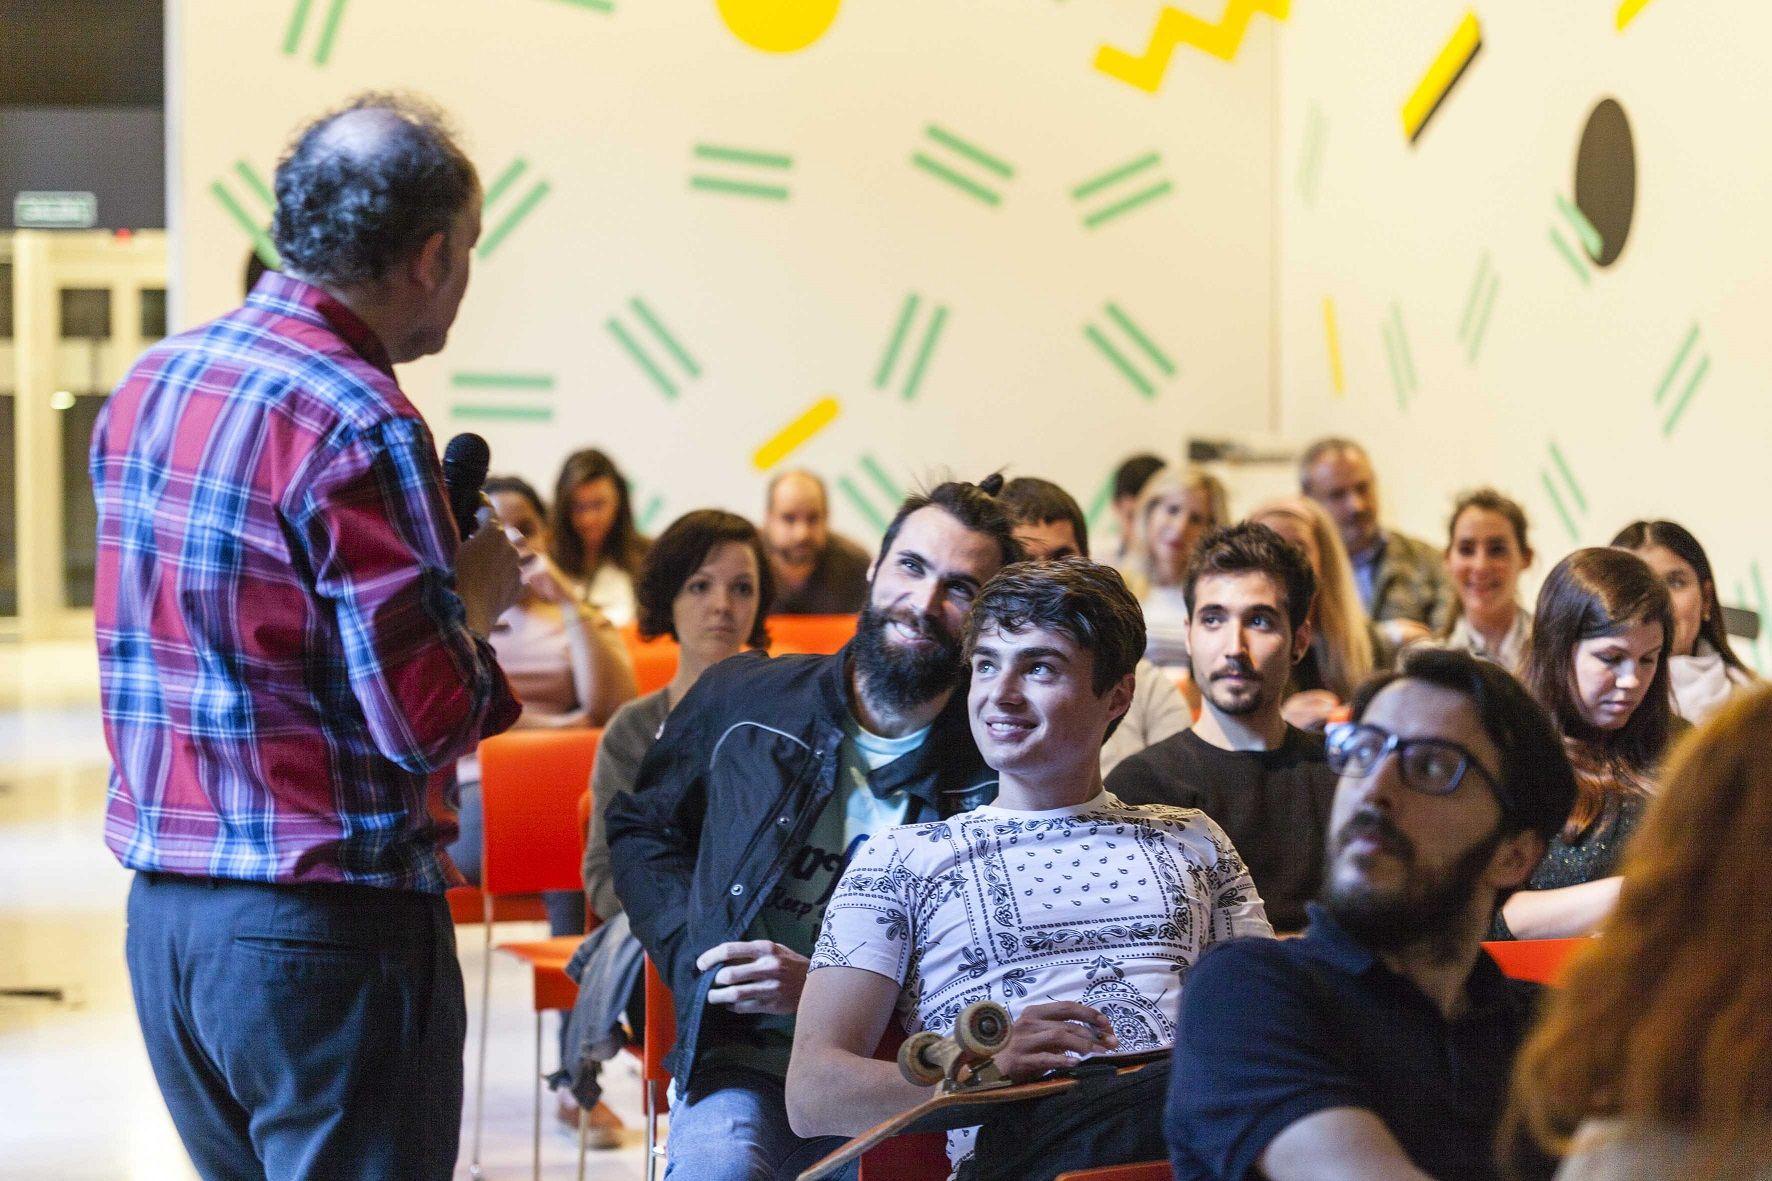 Fotografia Charlas en torno al diseño, en el Design Fest